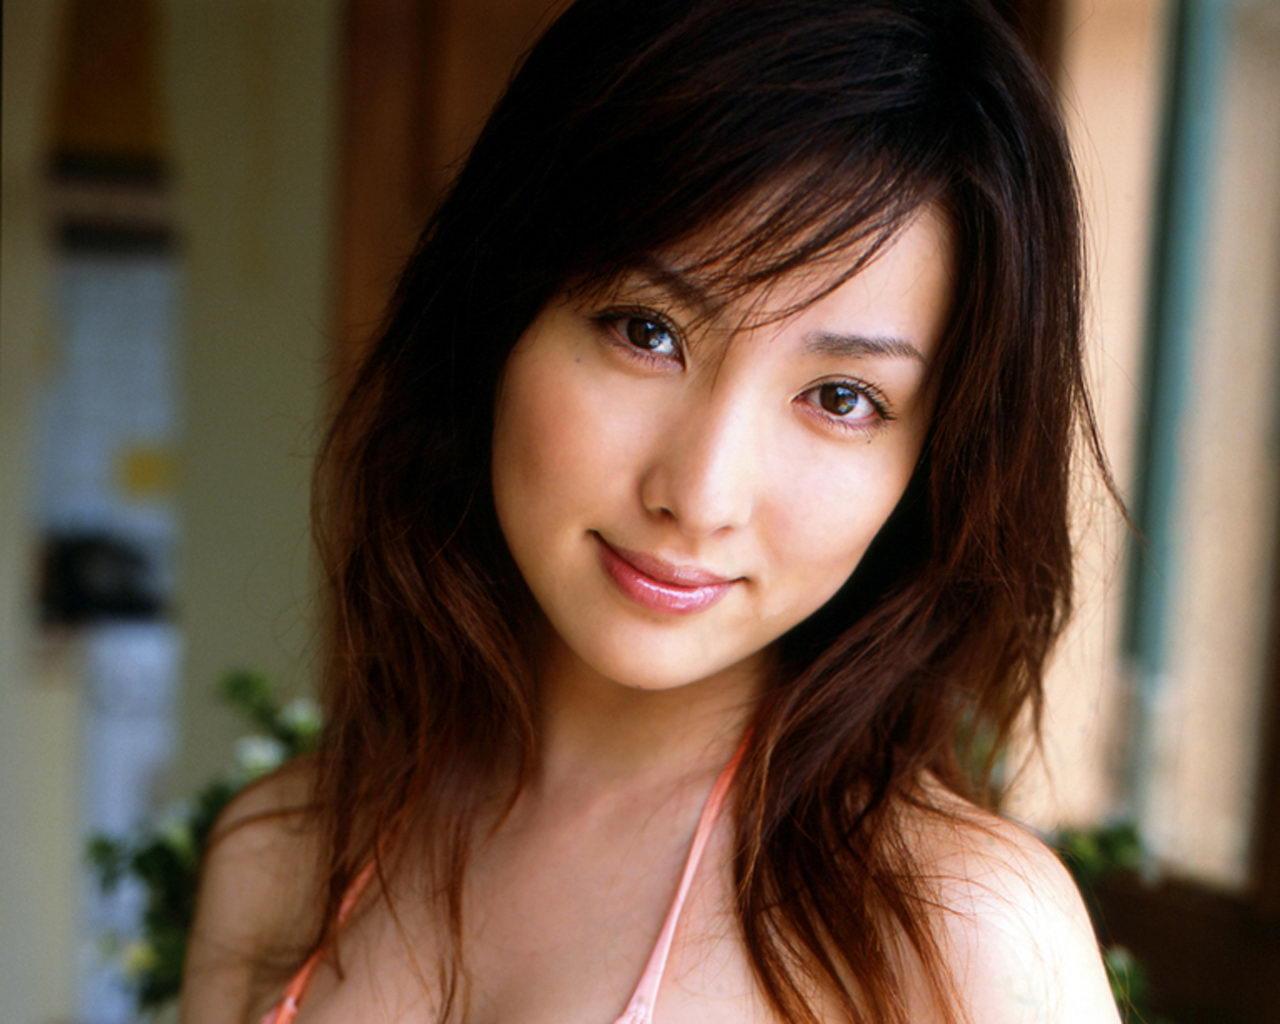 Saki Seto (b. 1985) naked (83 photo), Tits, Bikini, Selfie, butt 2017